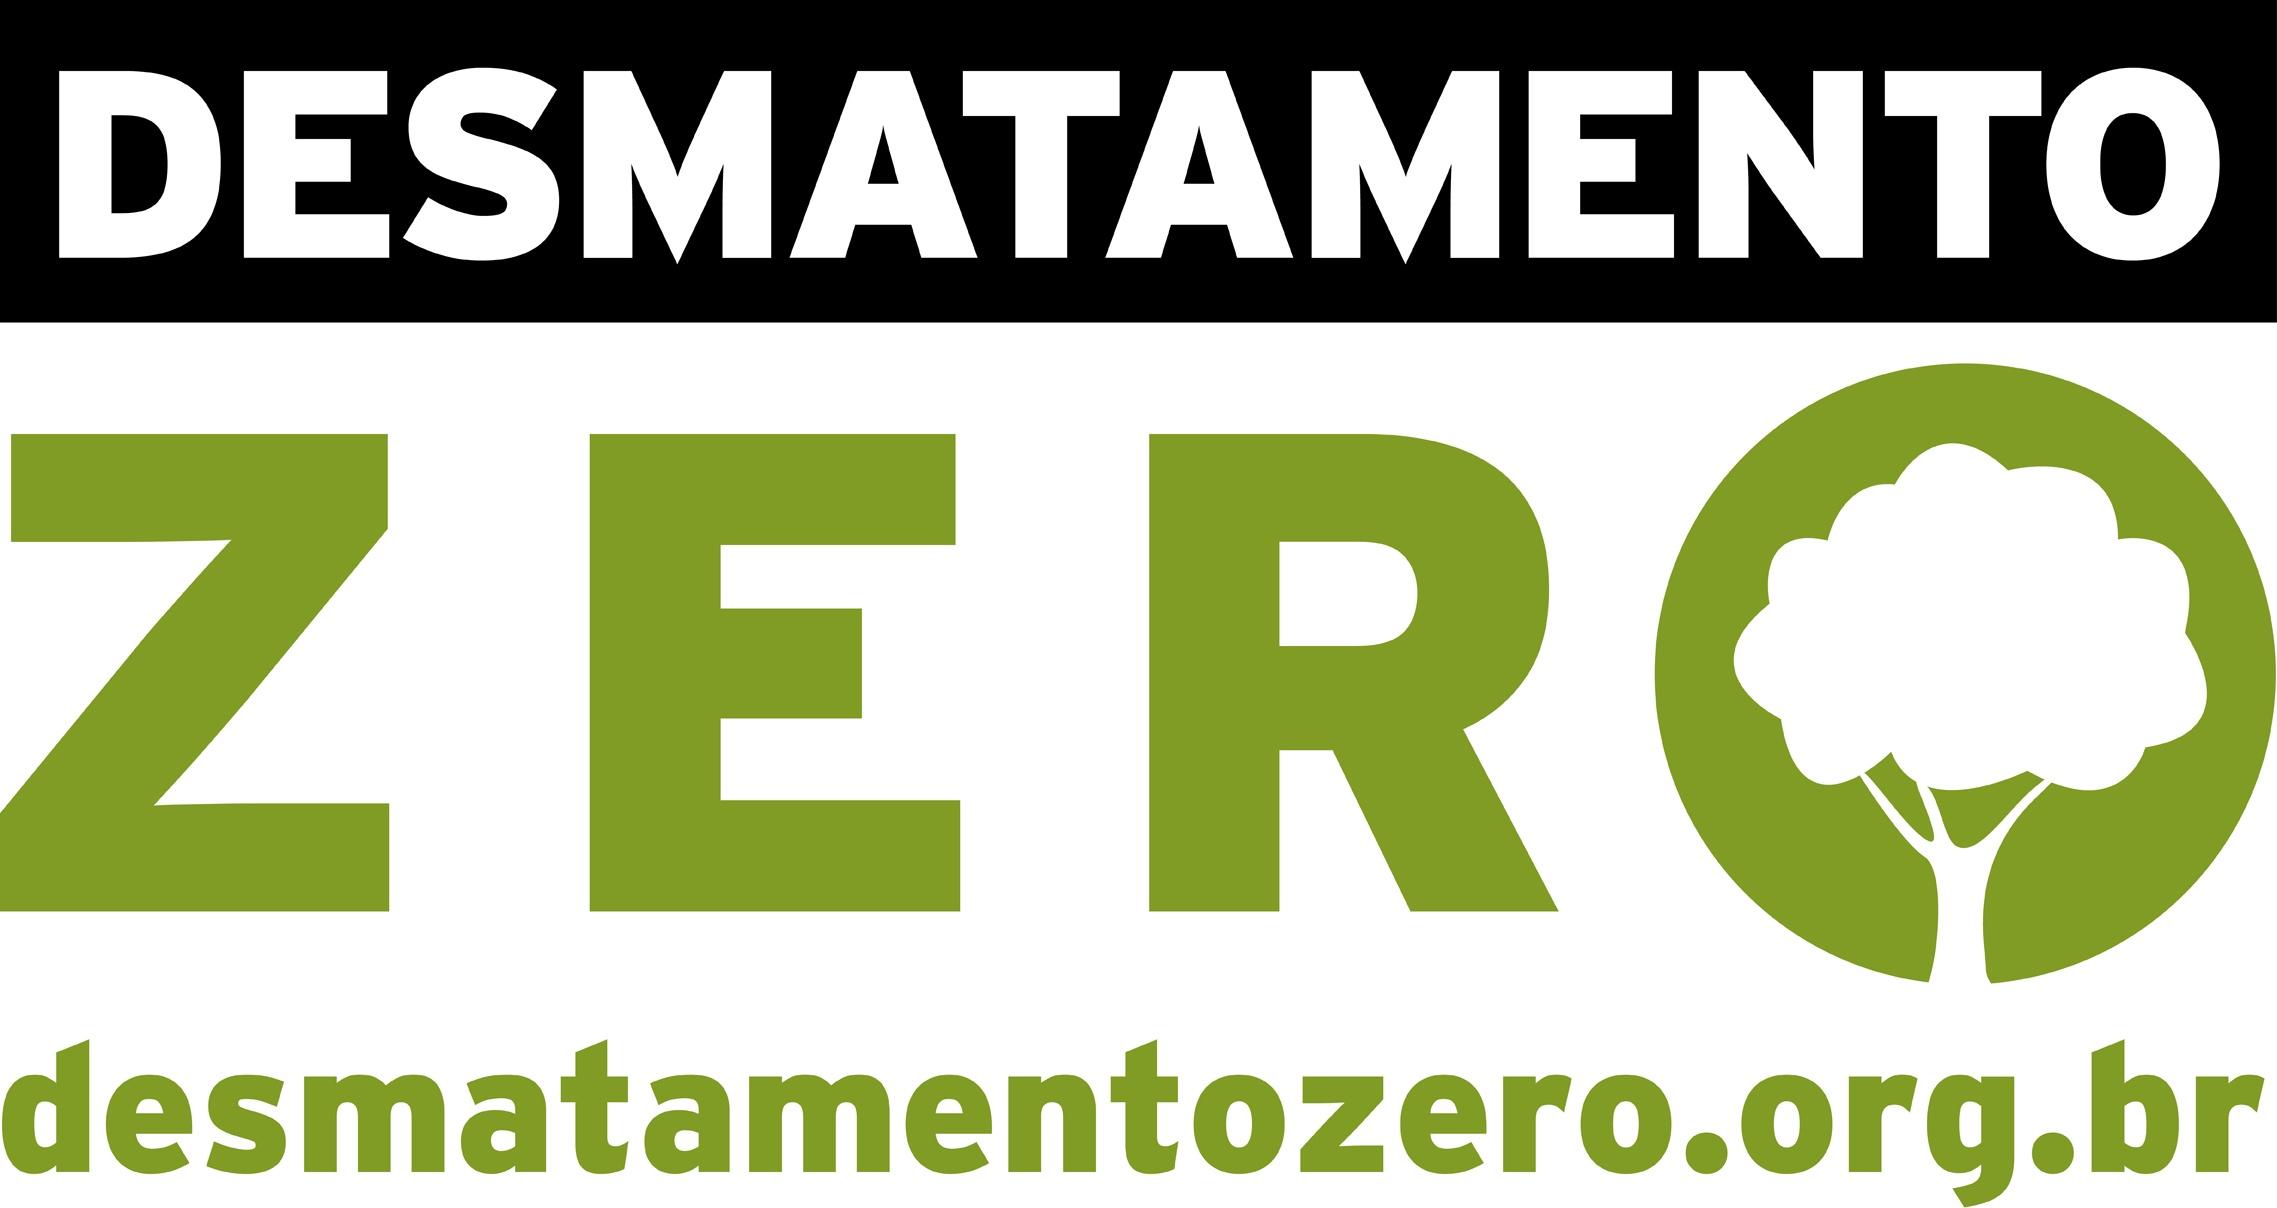 logo-dz-site.jpg